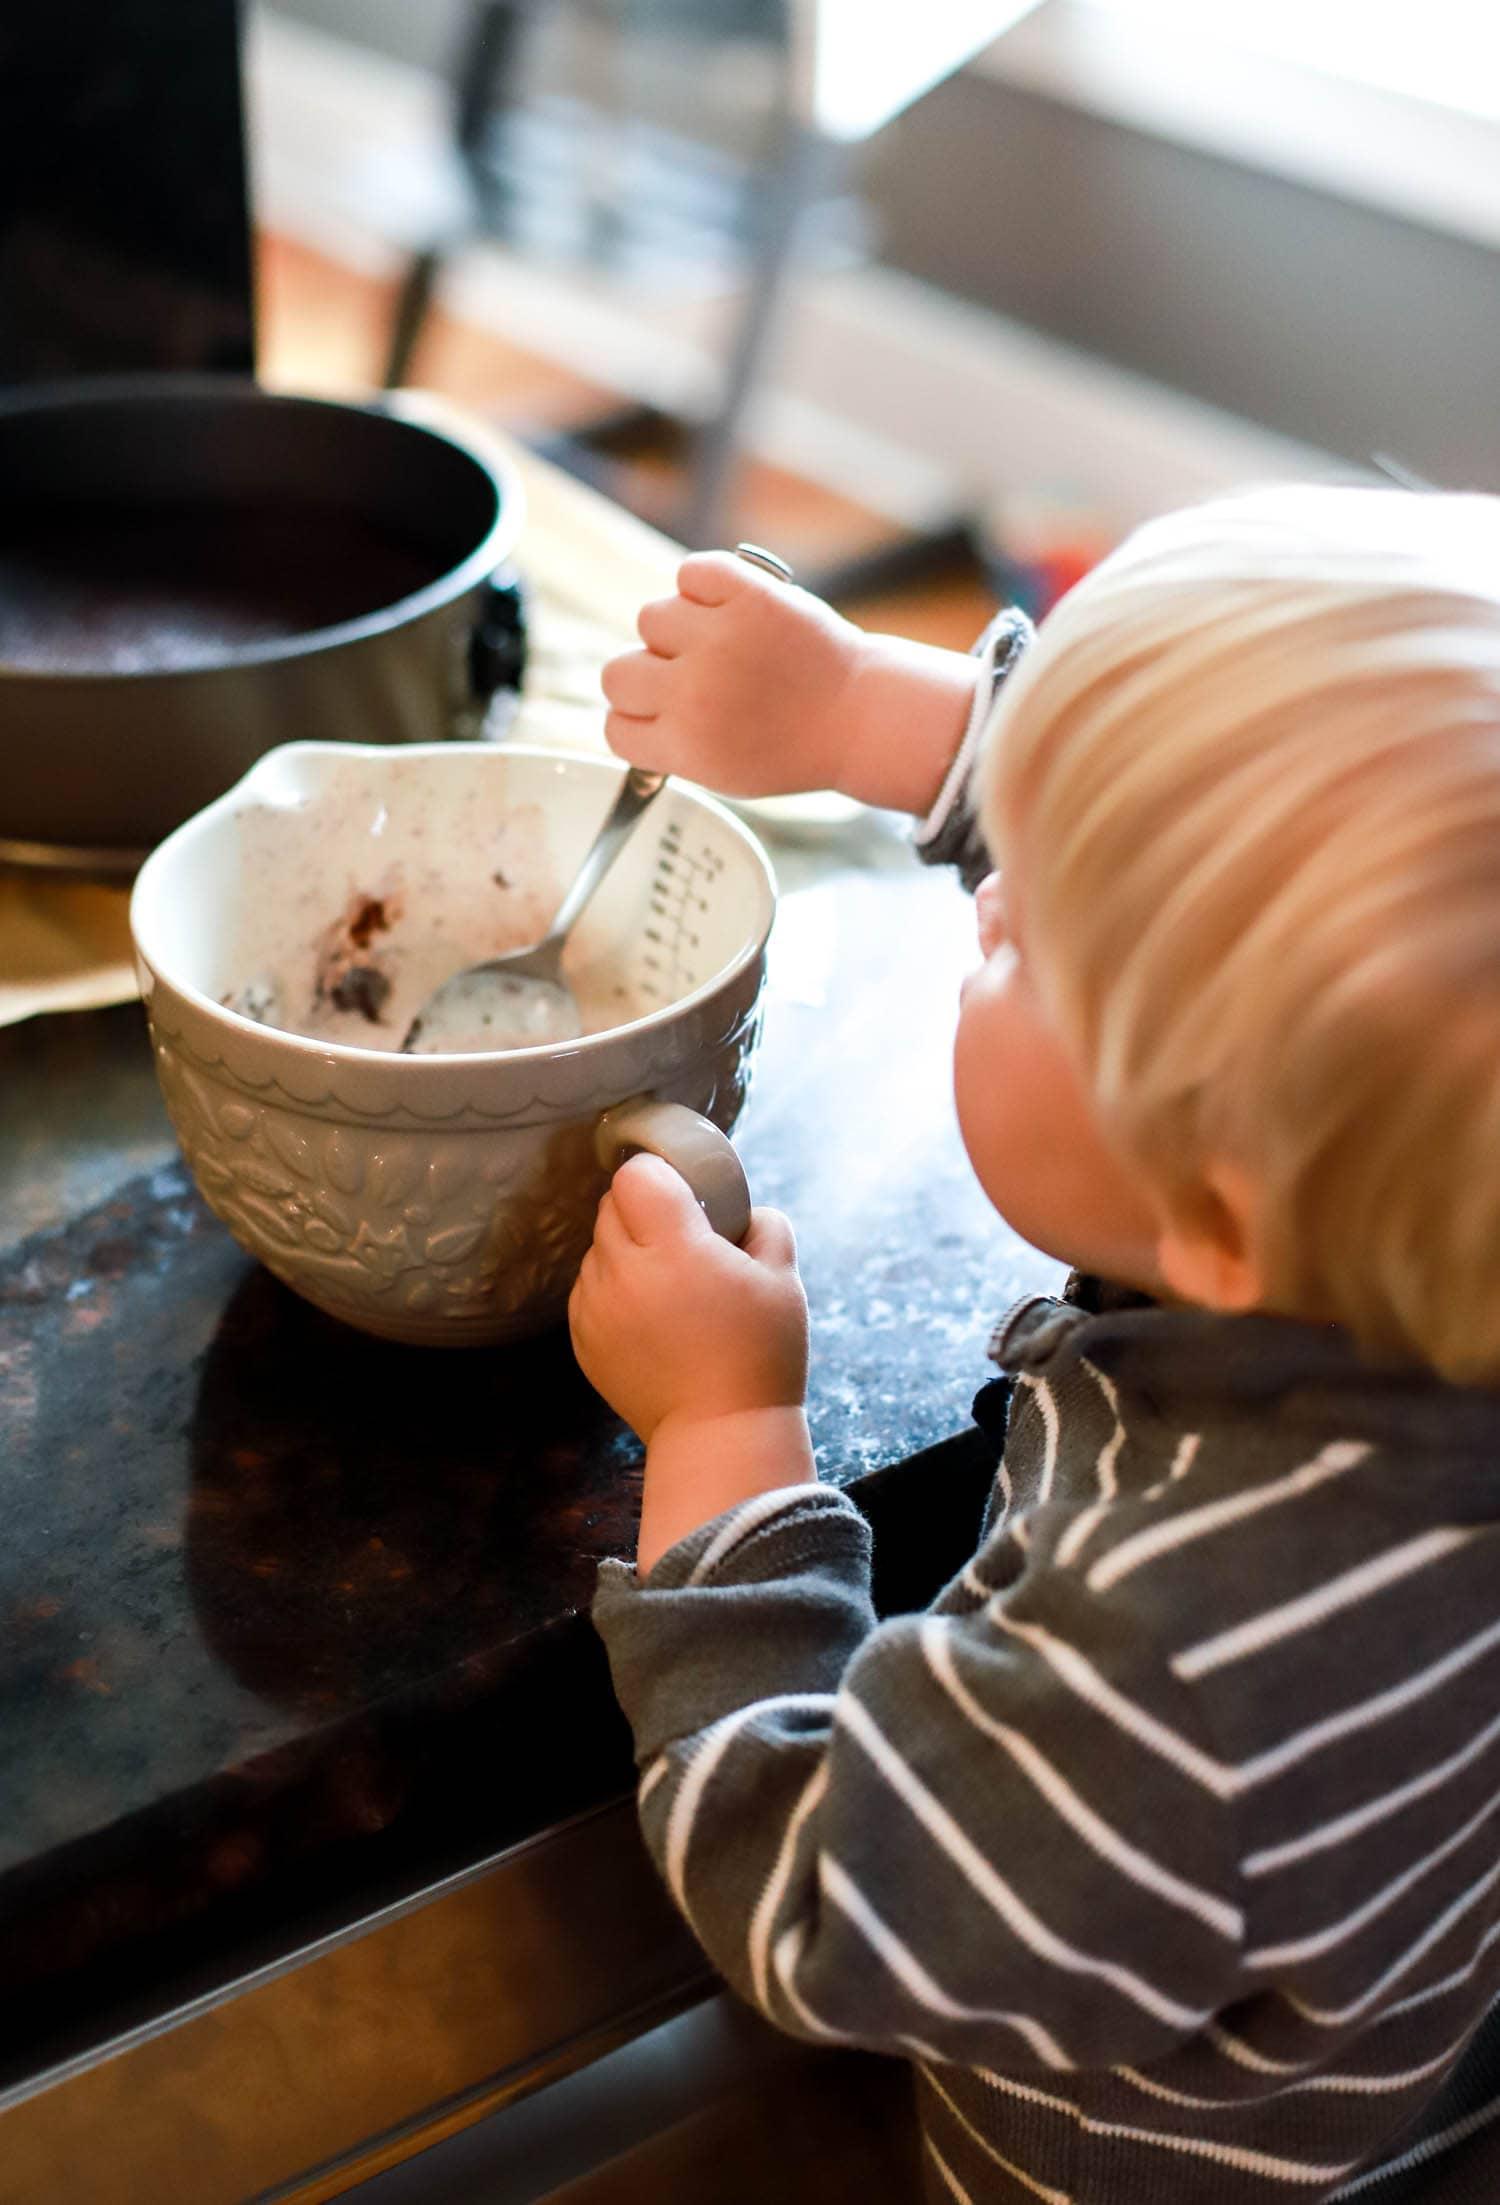 kids helping in kitchen